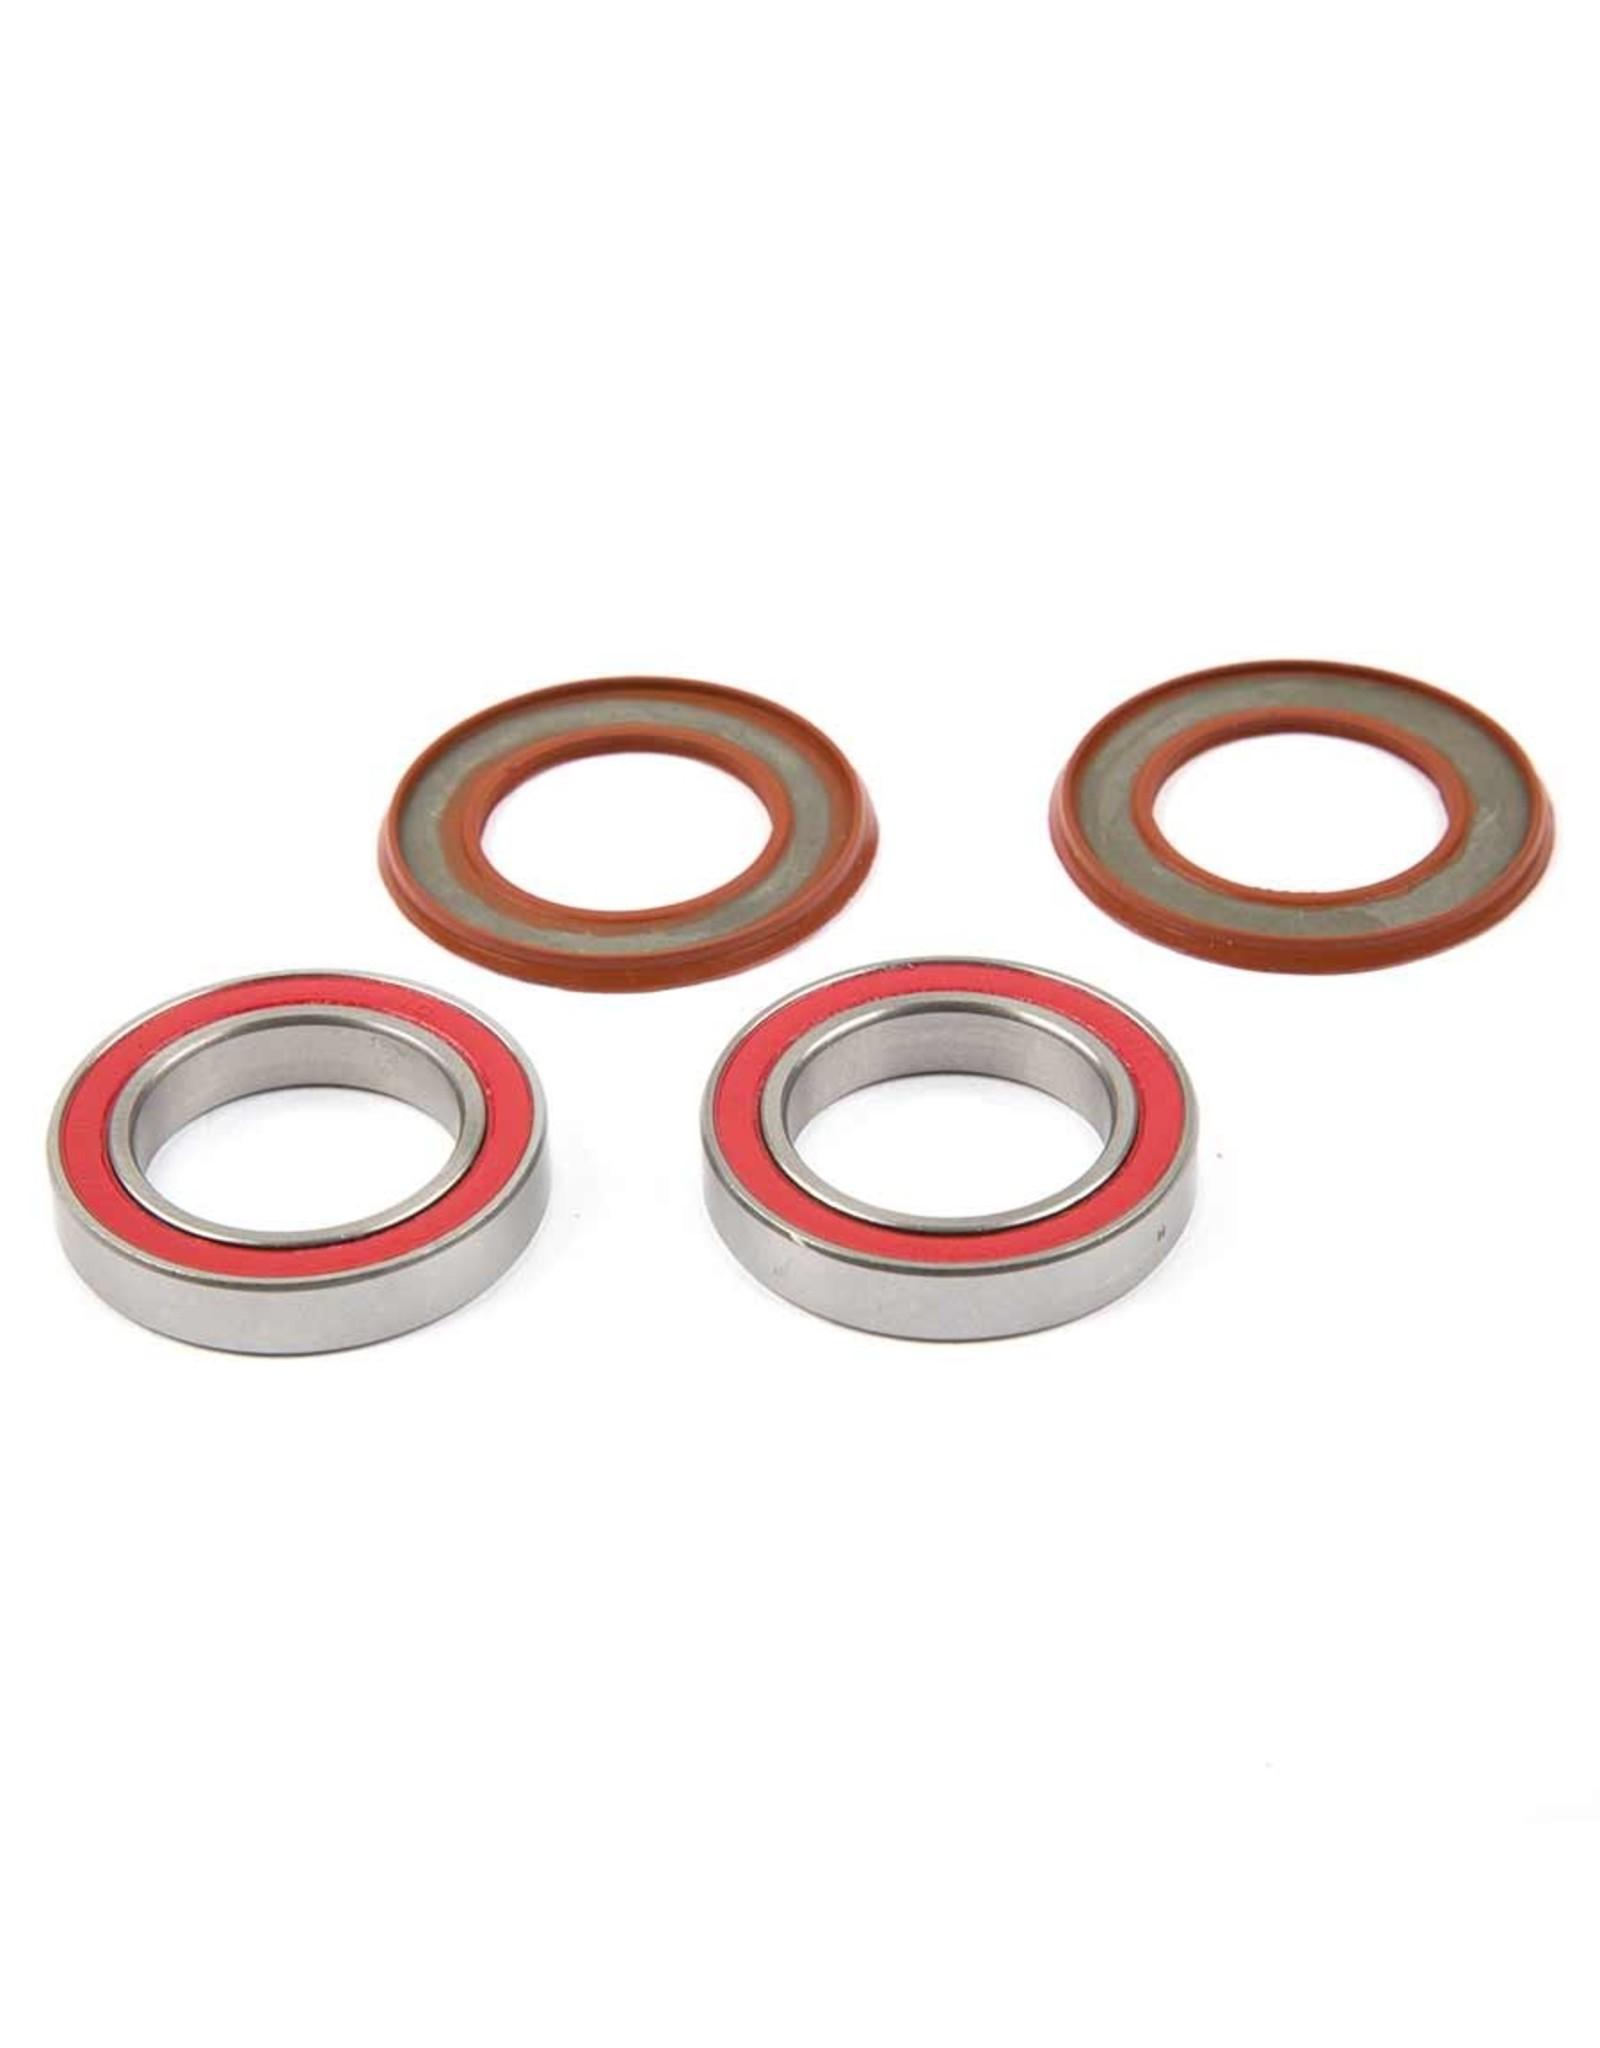 Enduro, Hybrid ceramic BB90, Shimano 2 Bearings, 2 Seals